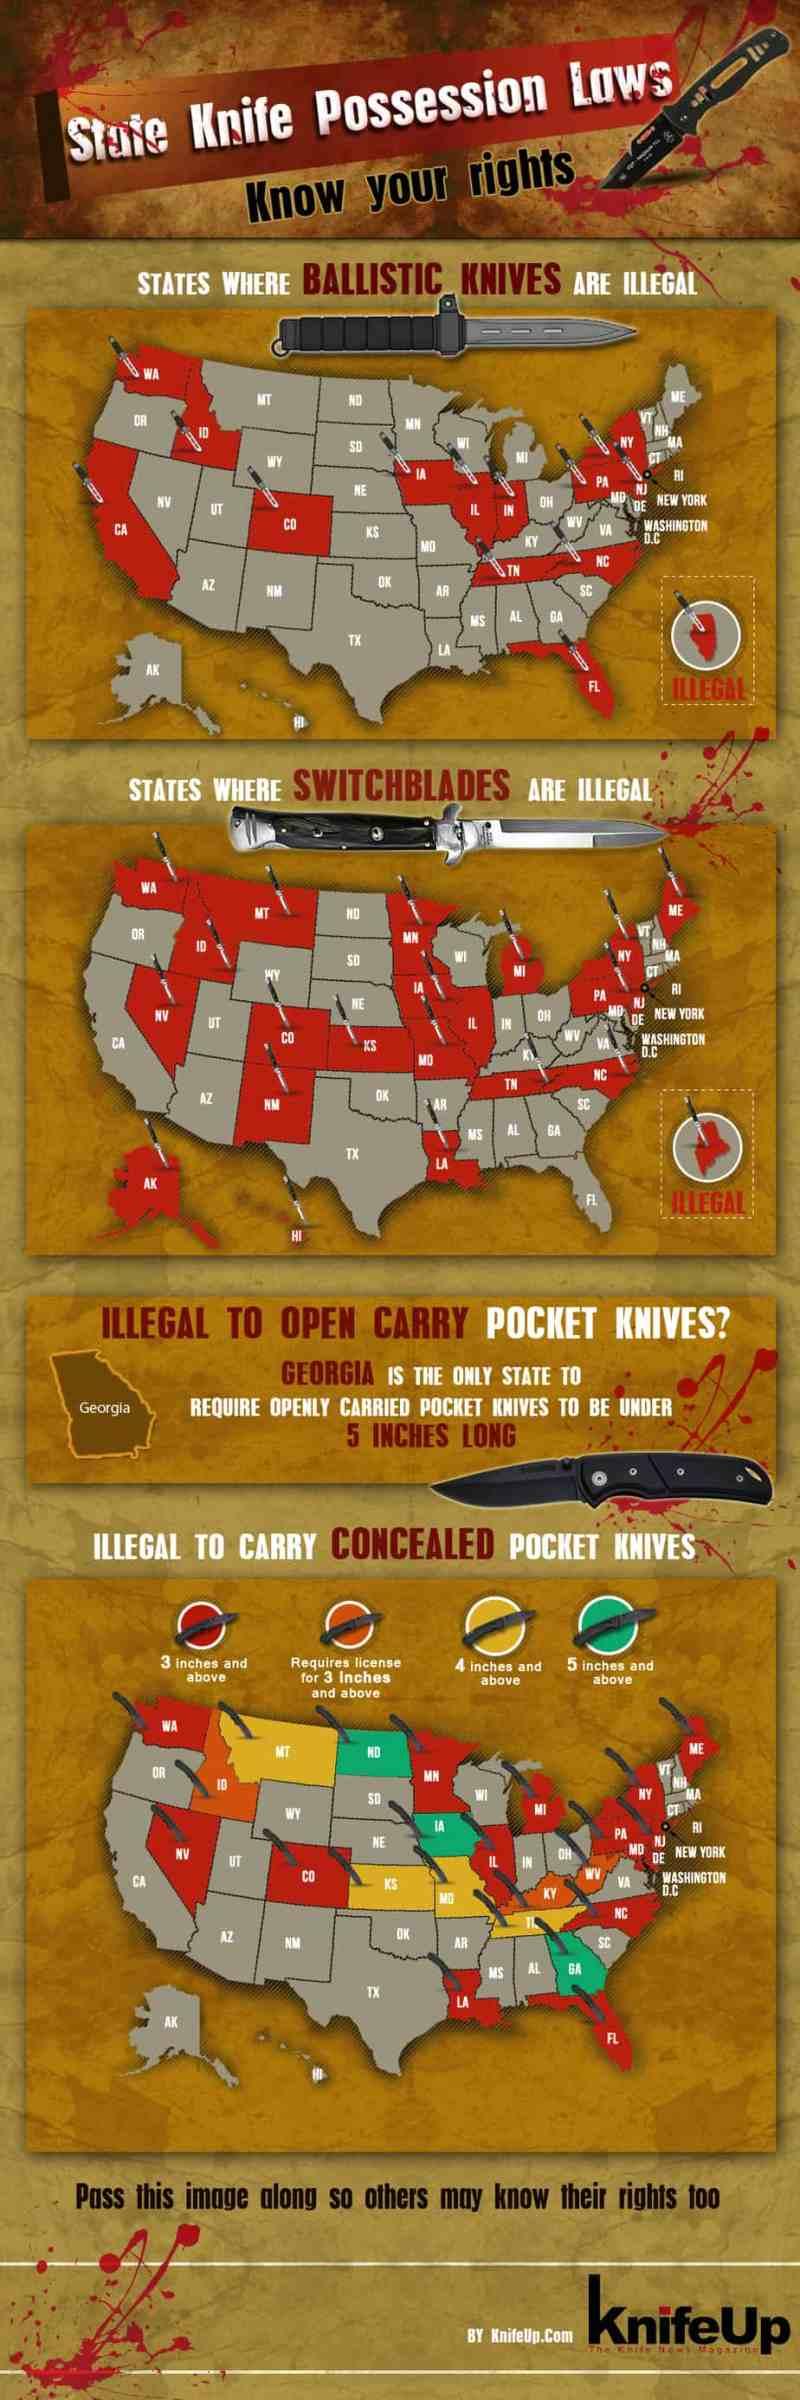 knife-law-knifeup.com